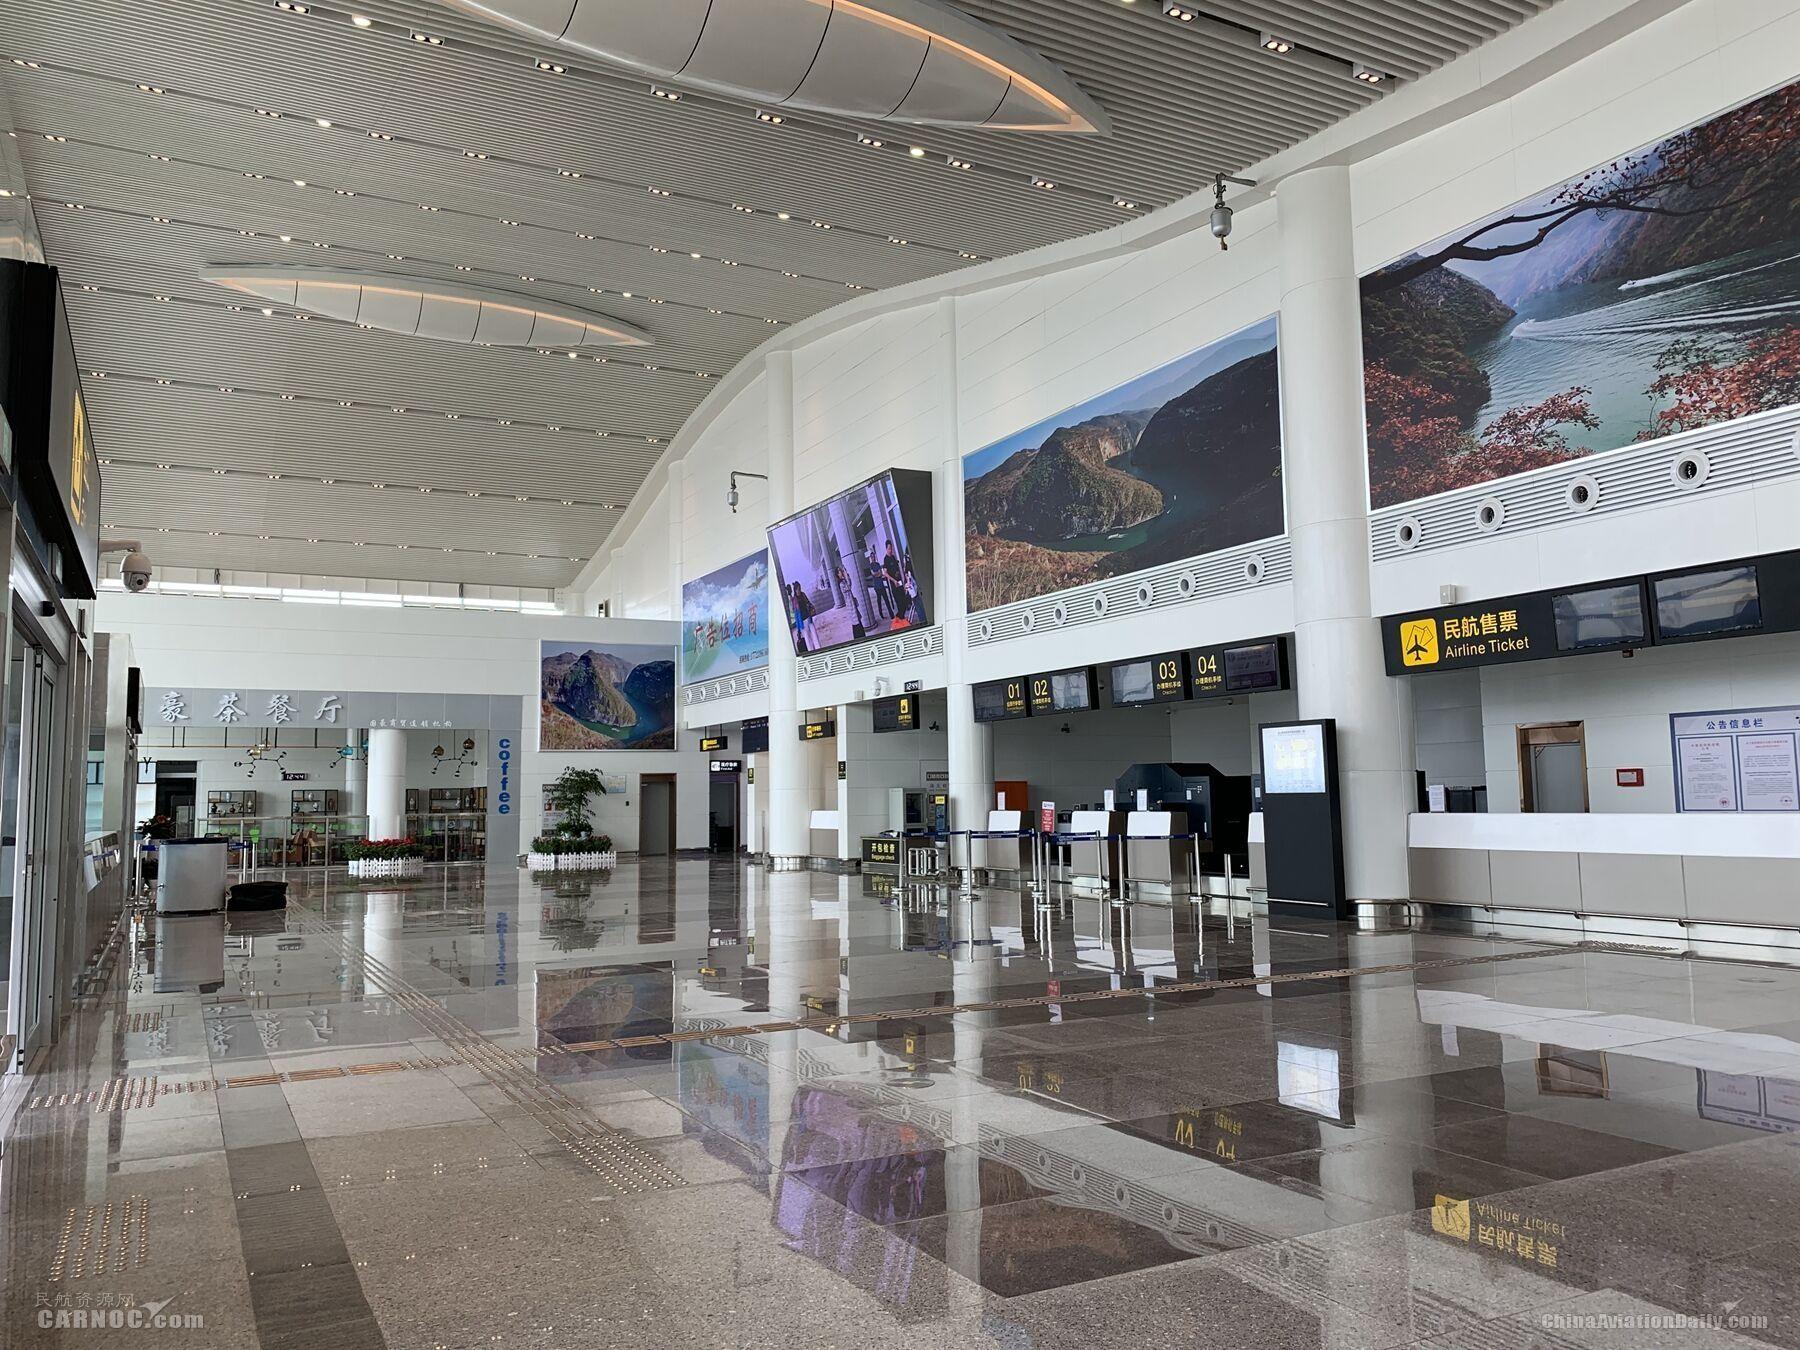 巫山机场建设工程正式通过行业验收 机场供图